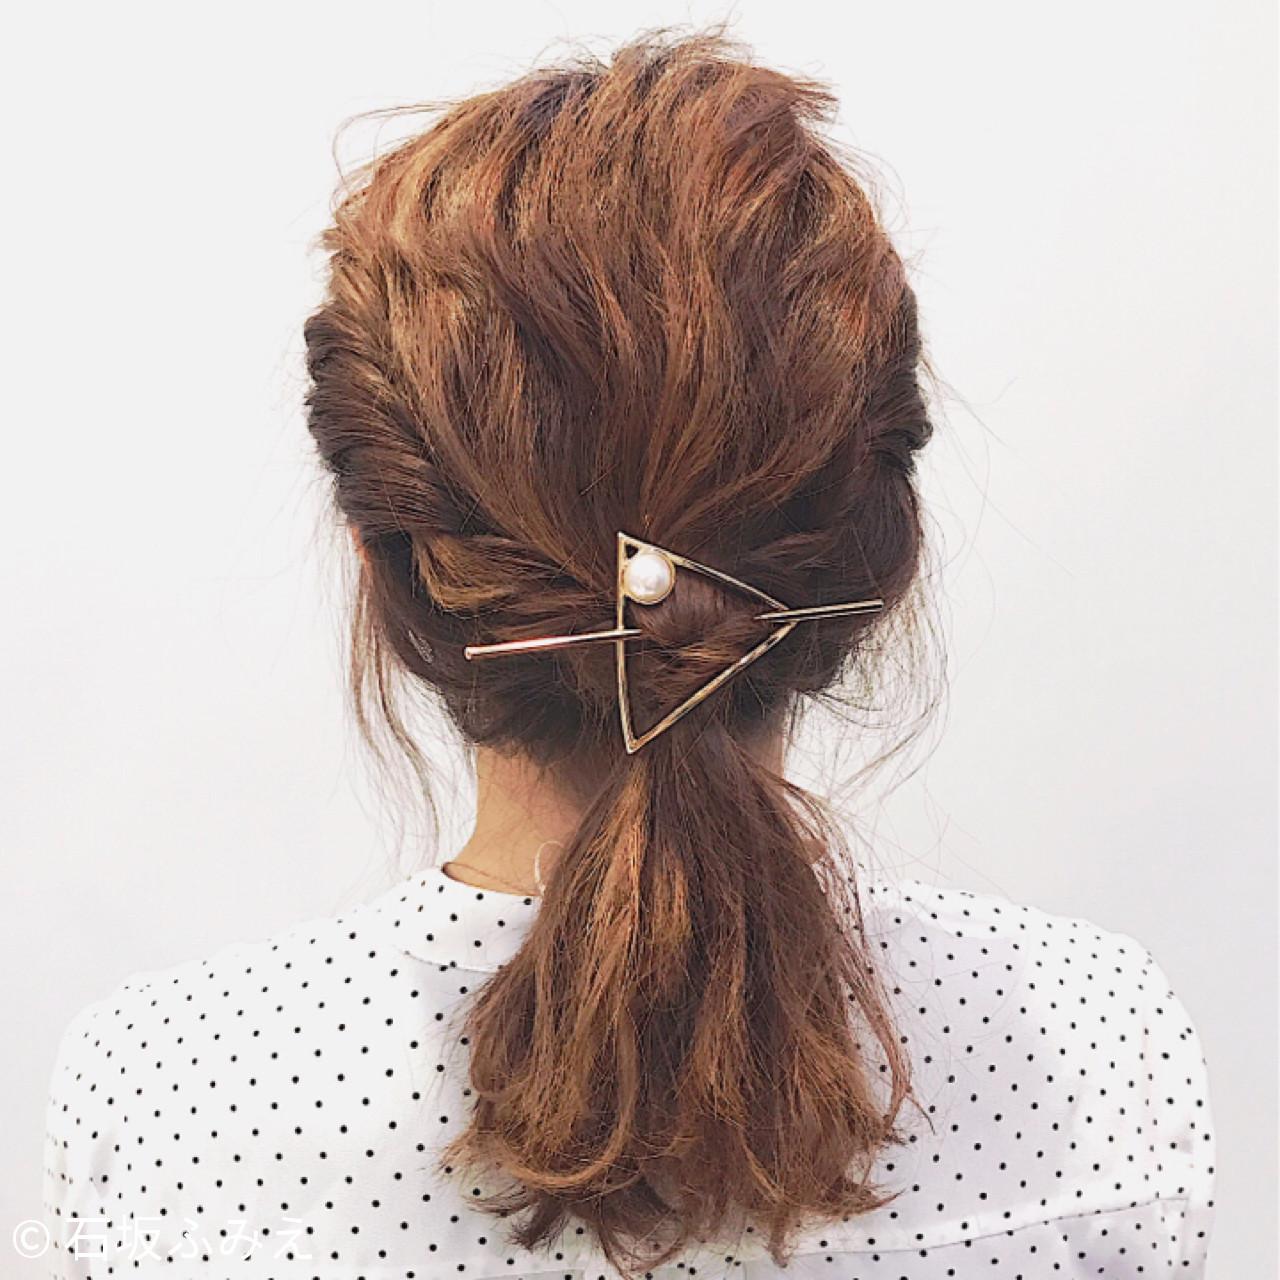 ミディアム フェミニン 結婚式 簡単ヘアアレンジ ヘアスタイルや髪型の写真・画像